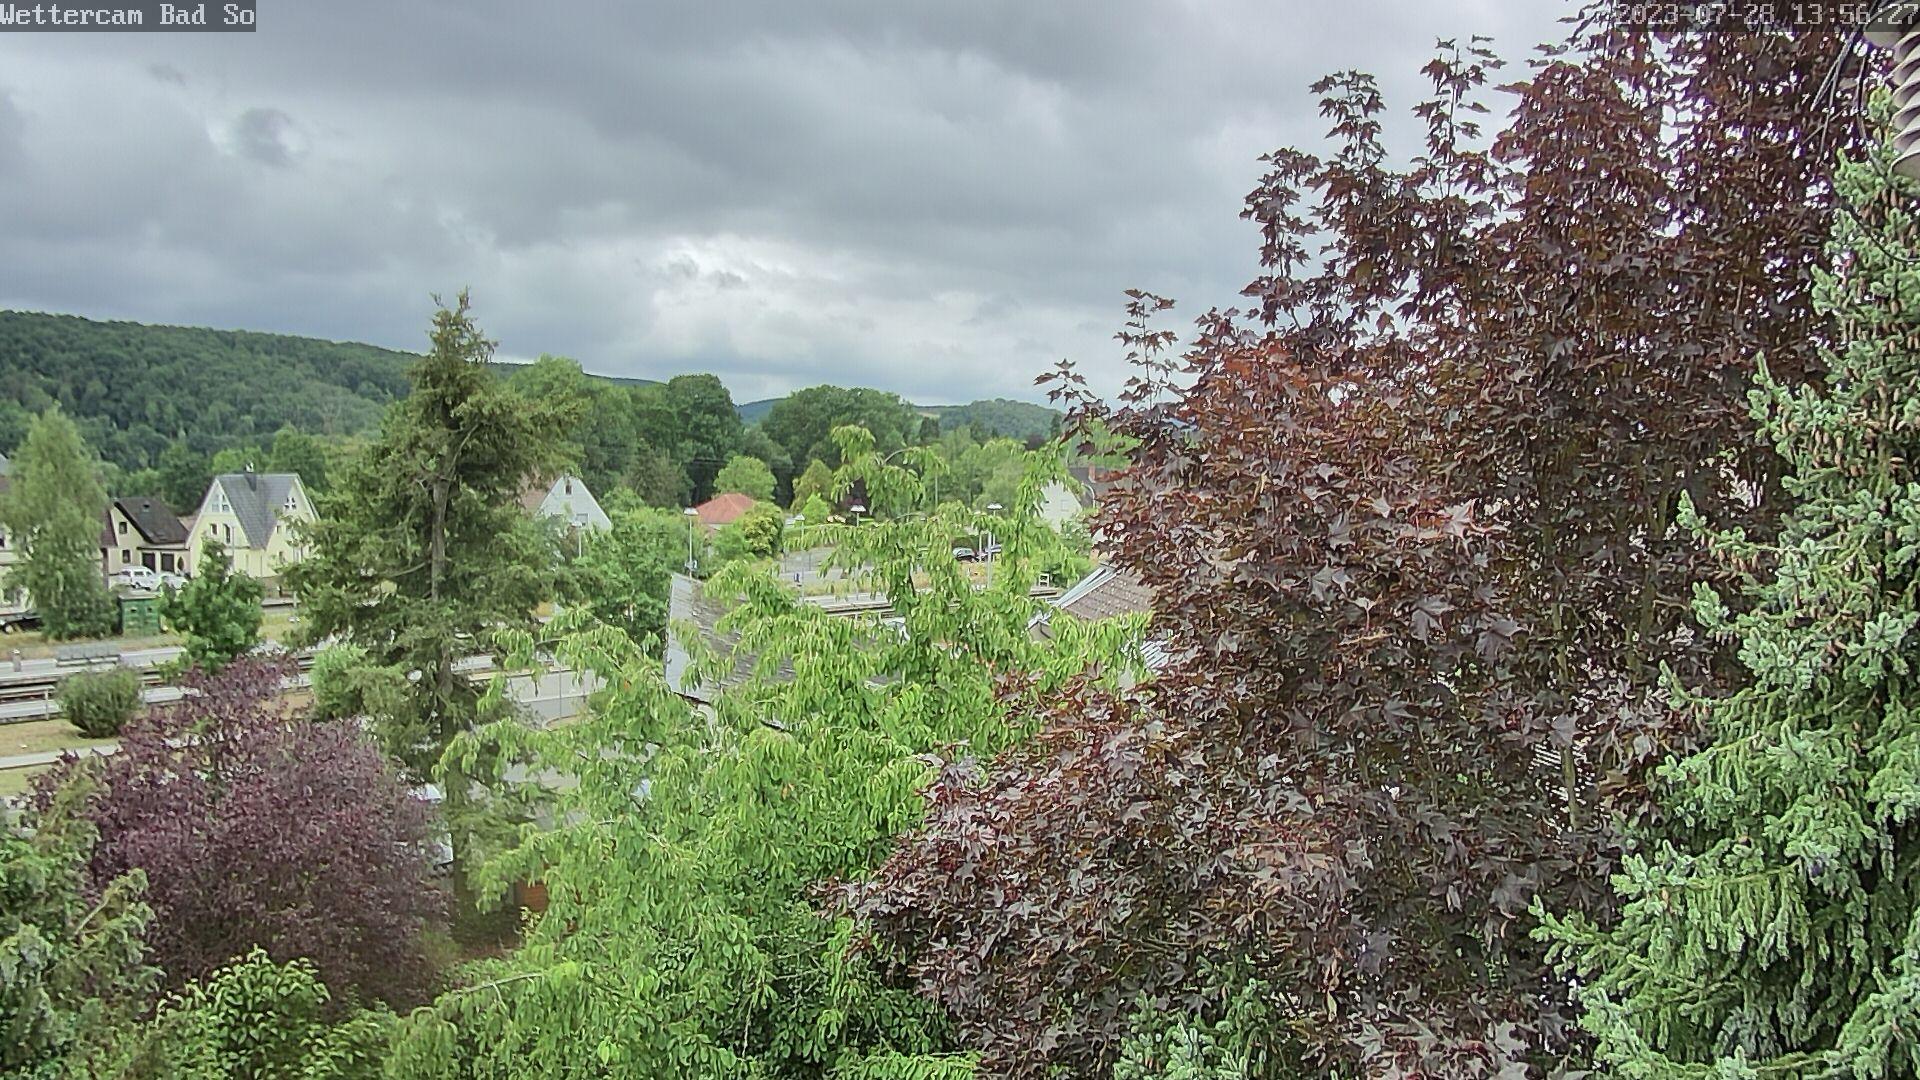 Bad Sobernheim Skyline